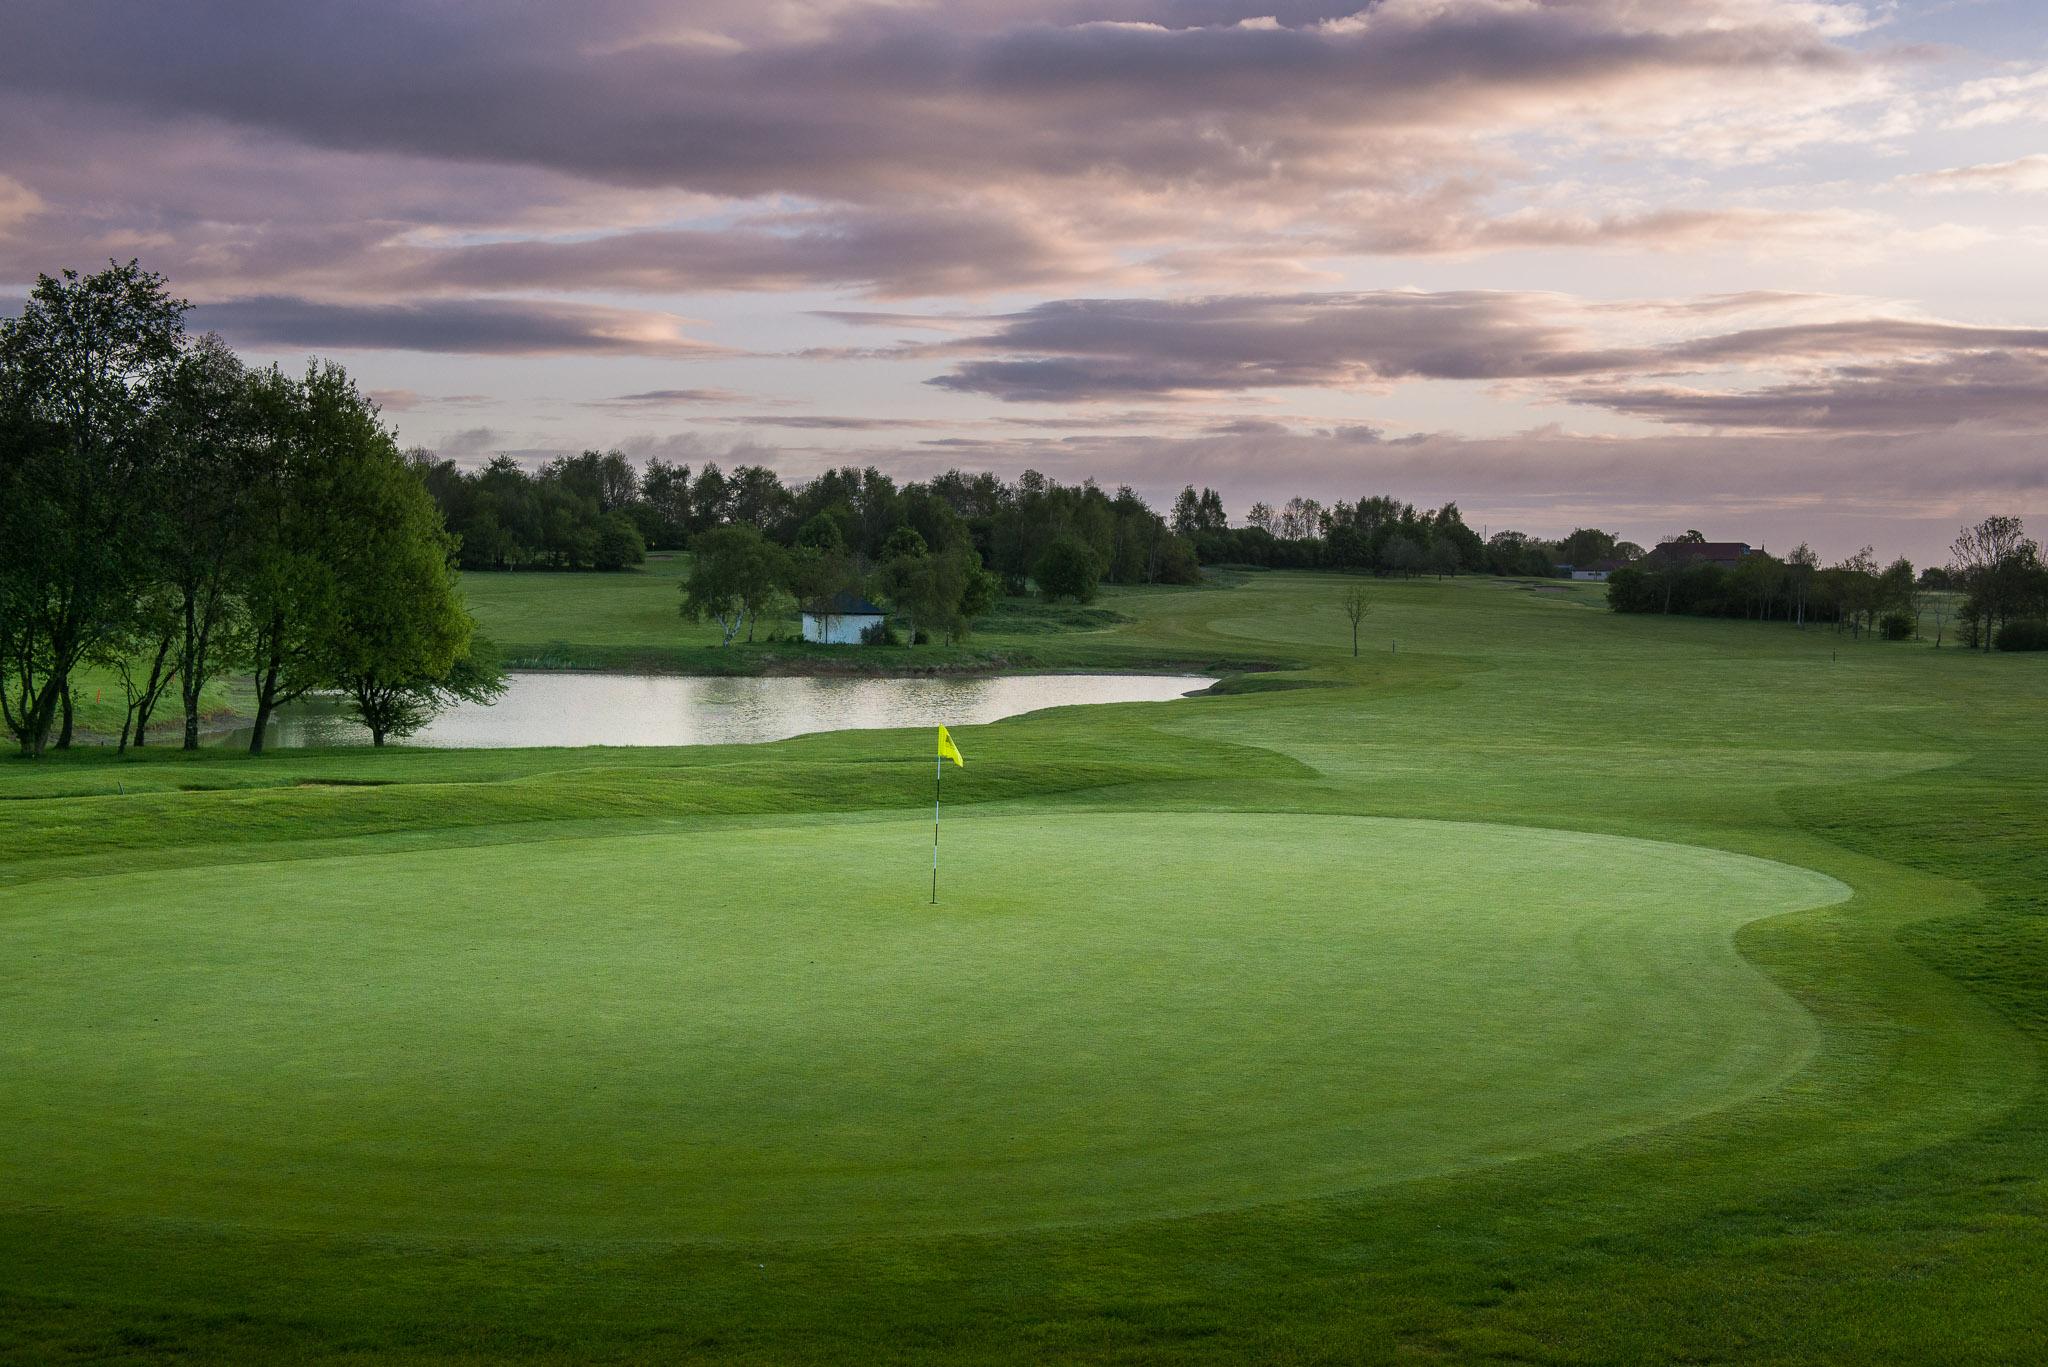 BGL_Thornbury_GolfCourse_AndyHiseman_72dpi_EmailWeb-21.jpg